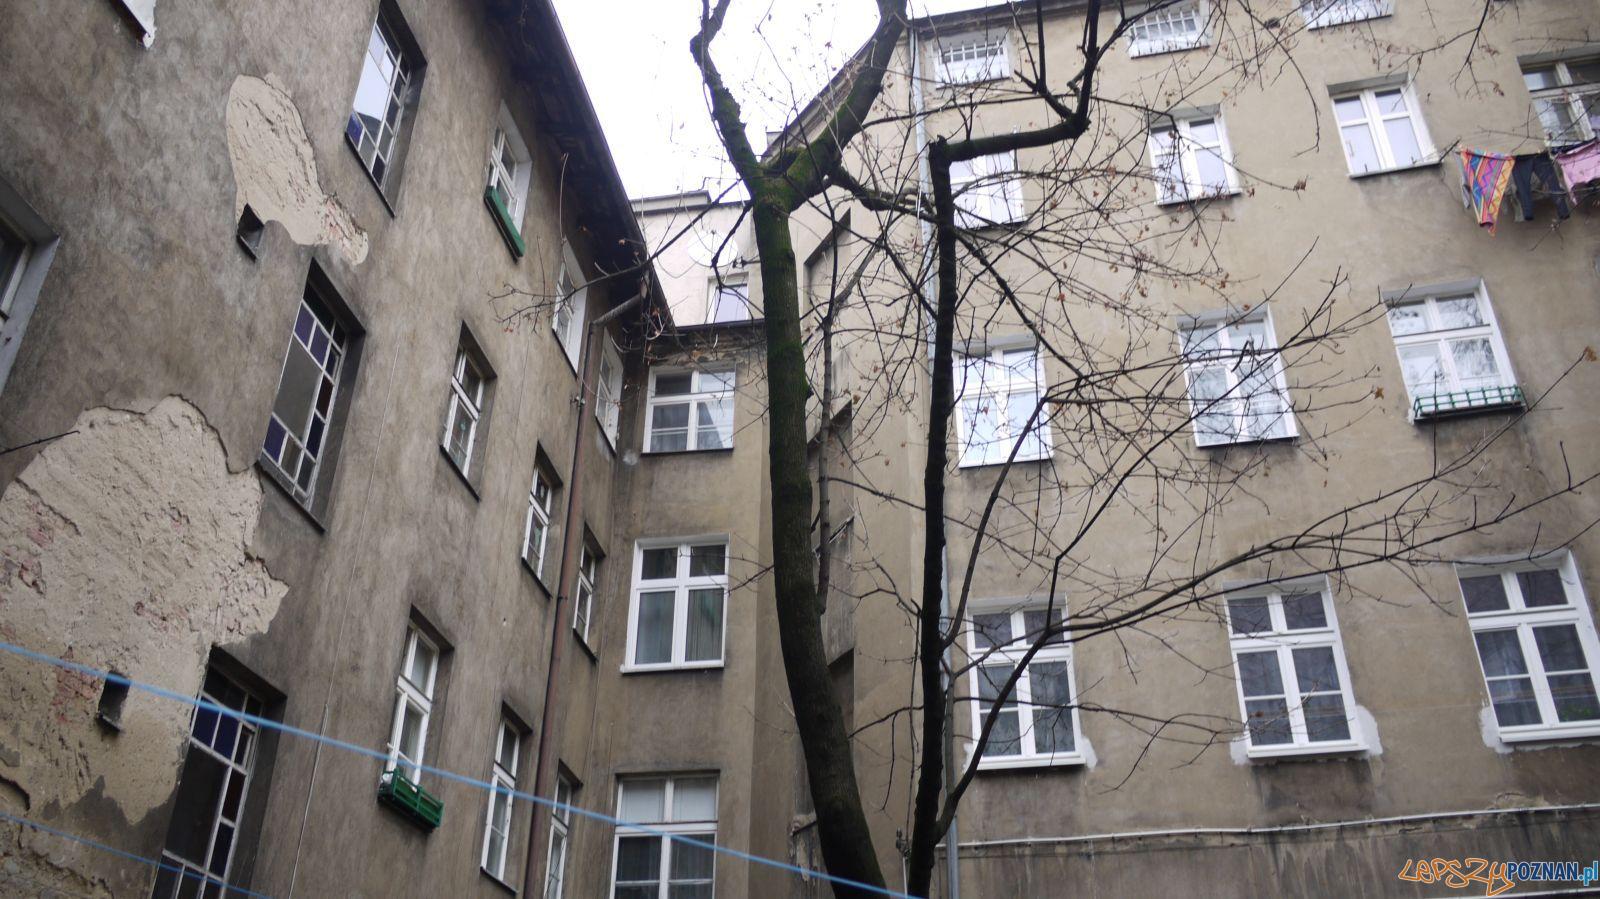 Remontowane kamienice ZKZL (2)  Foto: ZKZL